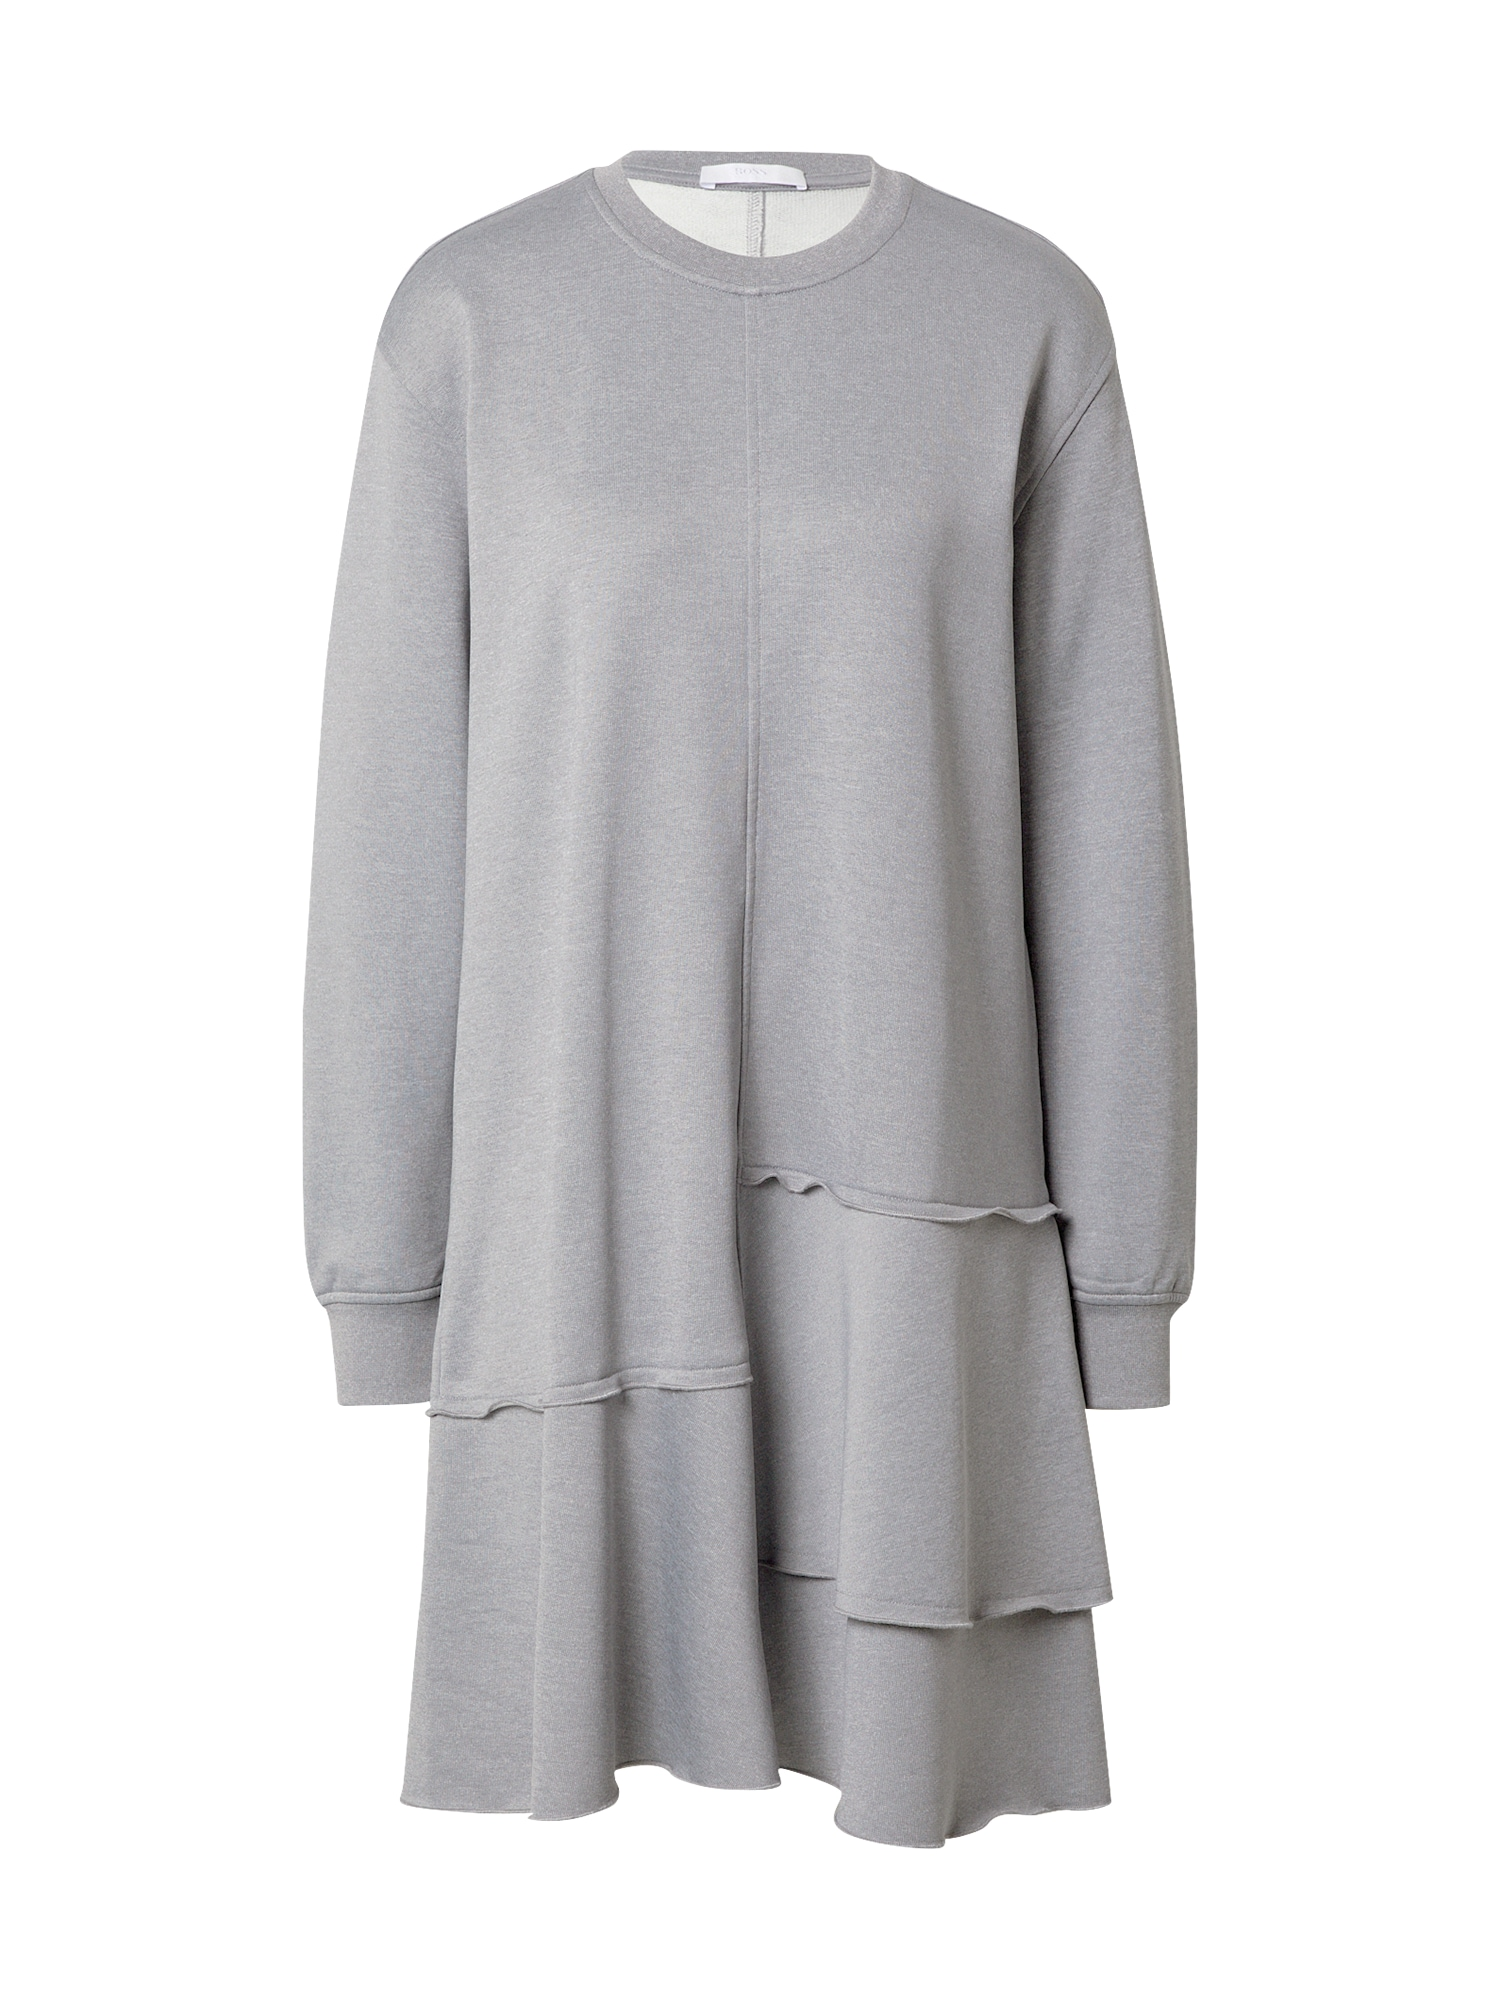 BOSS Suknelė šviesiai pilka